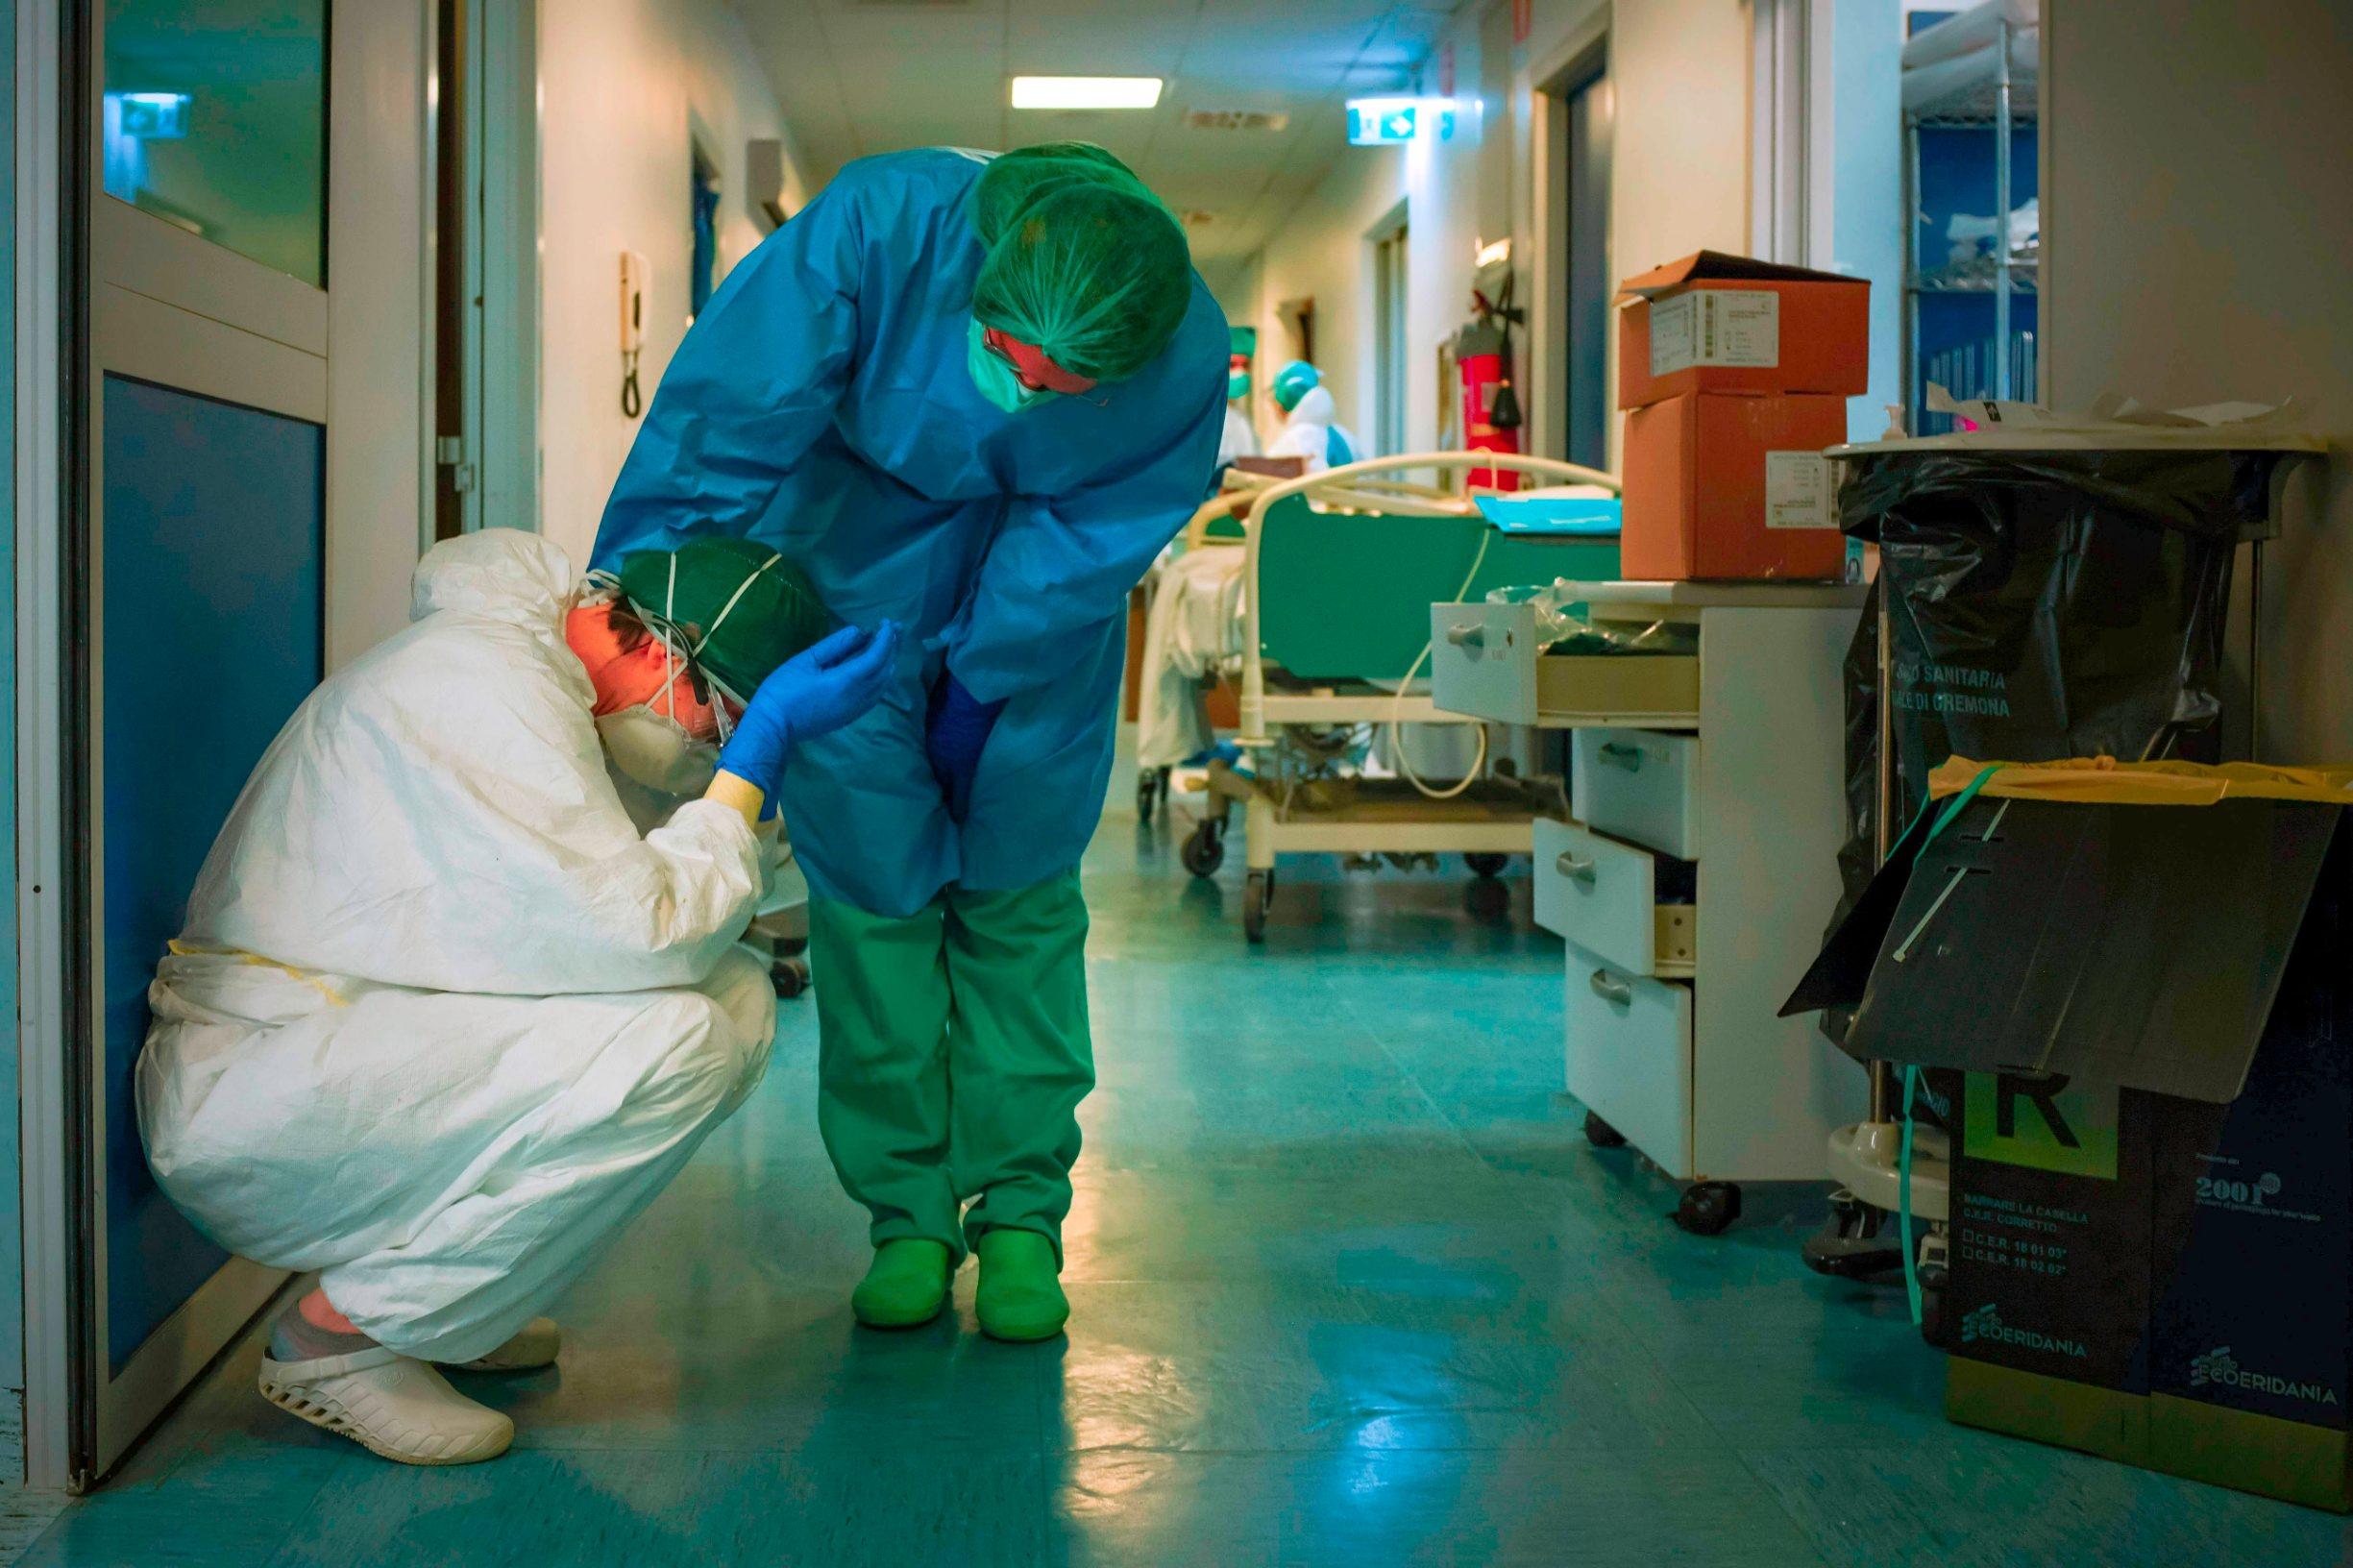 Bolnica u Cremoni, Italija